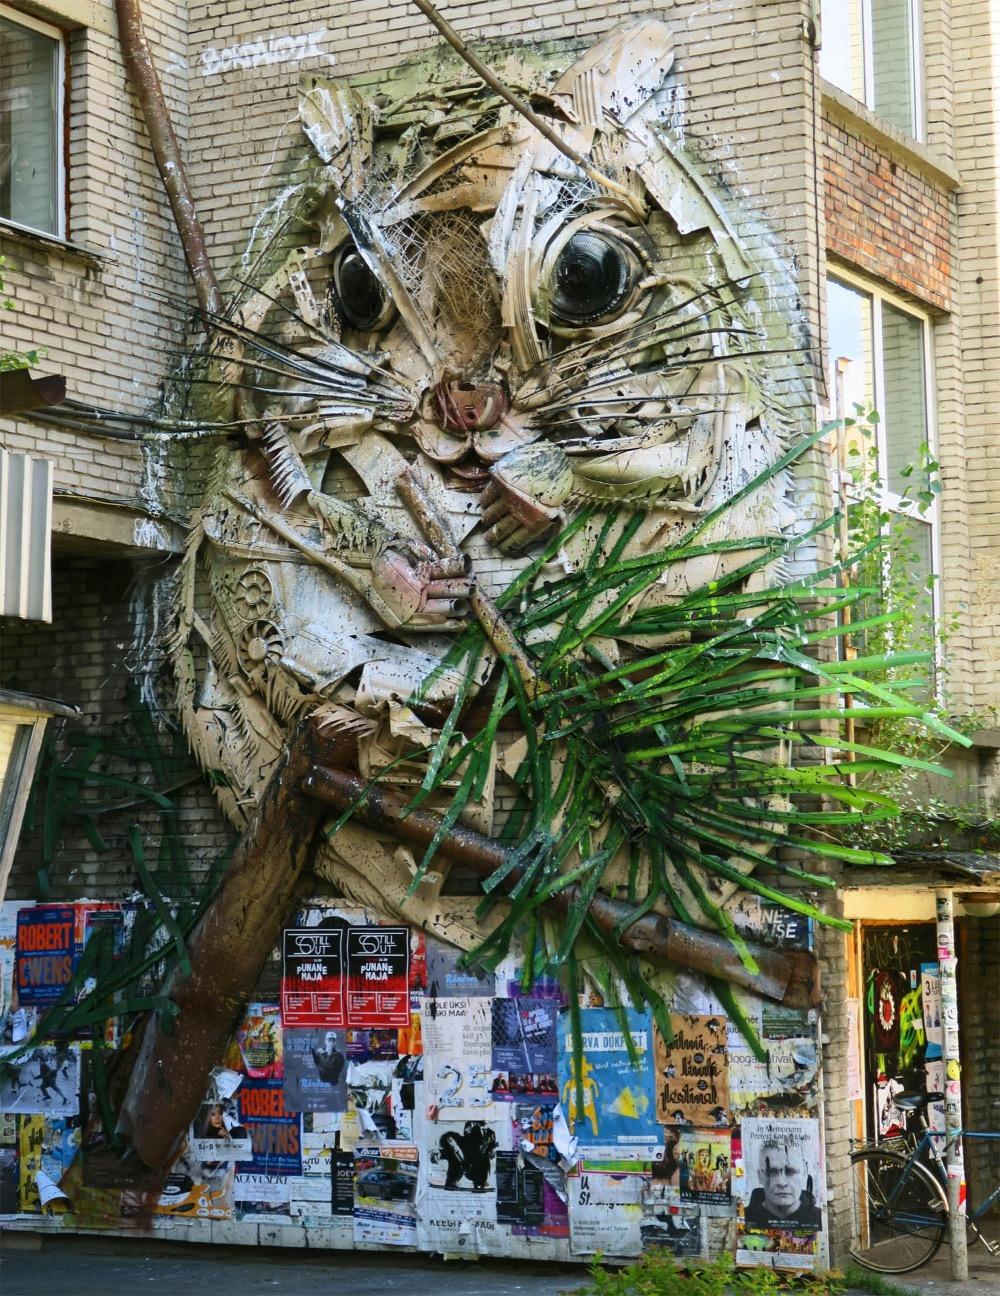 scoiattolo-gigante-street-art-bordaloii-tallin-estonia-6